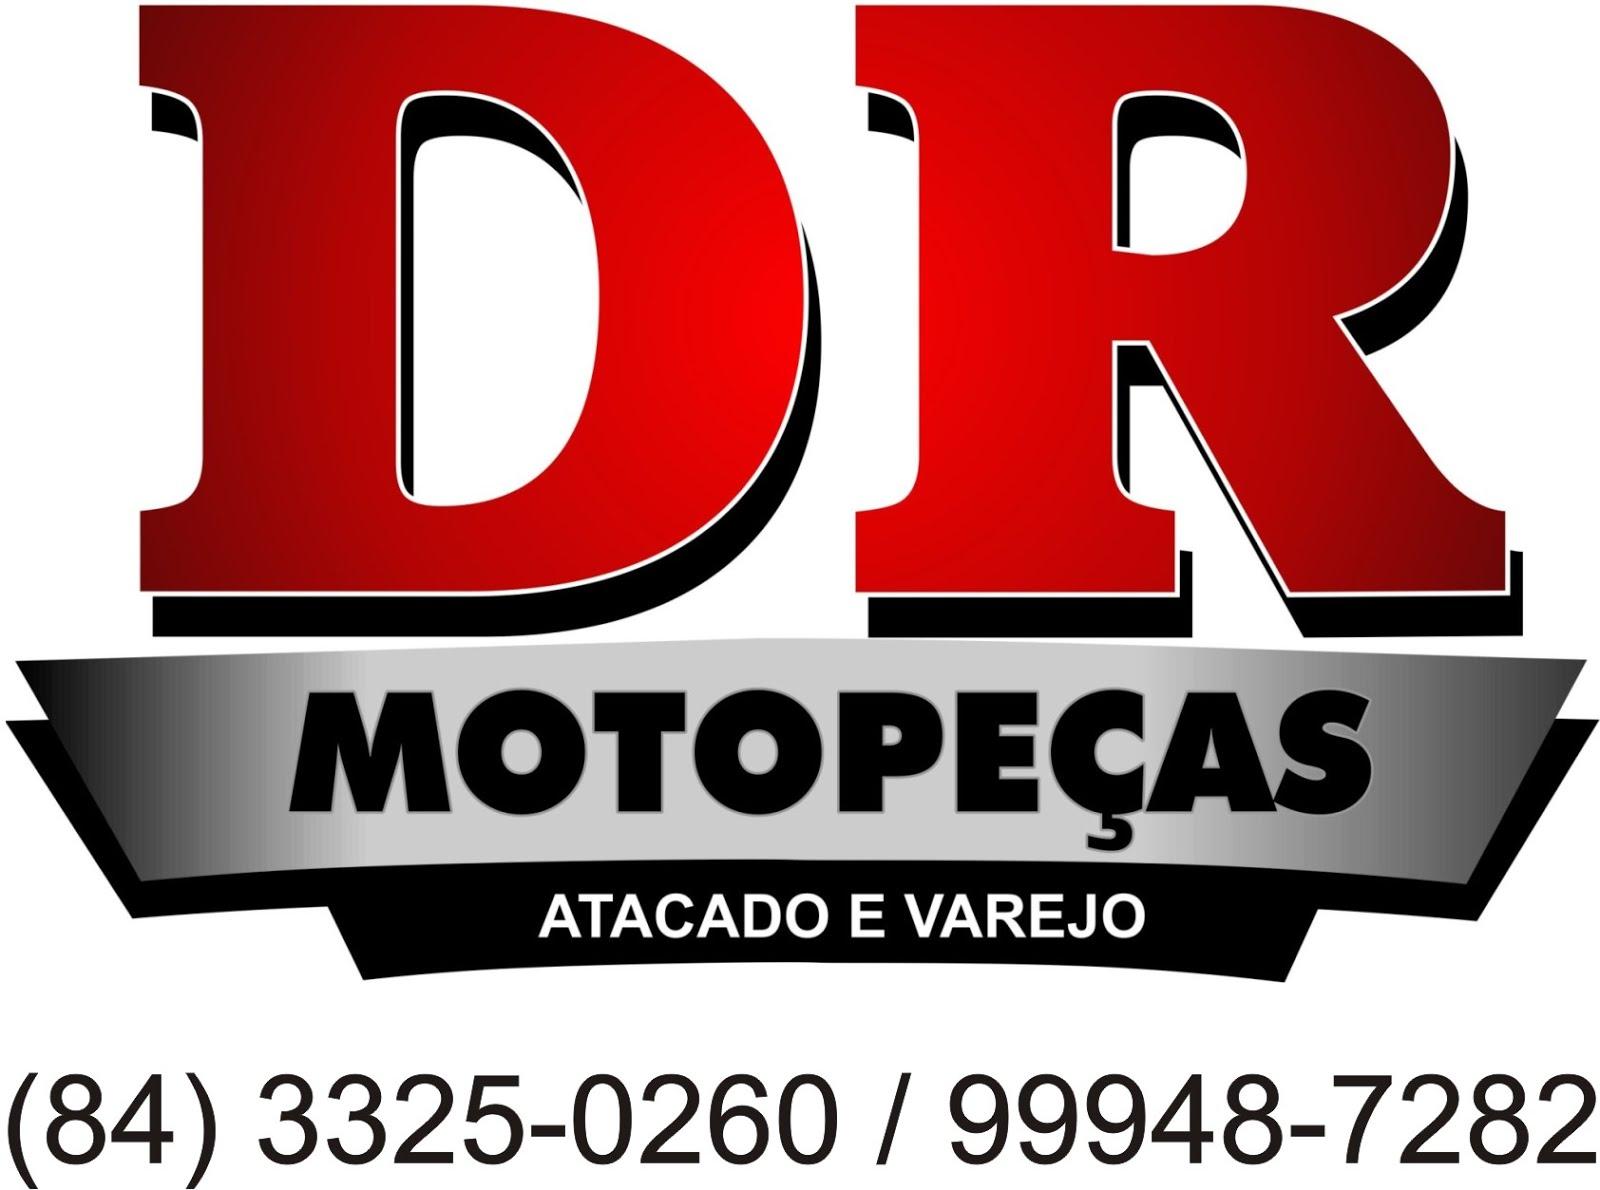 DR MOTOPEÇAS